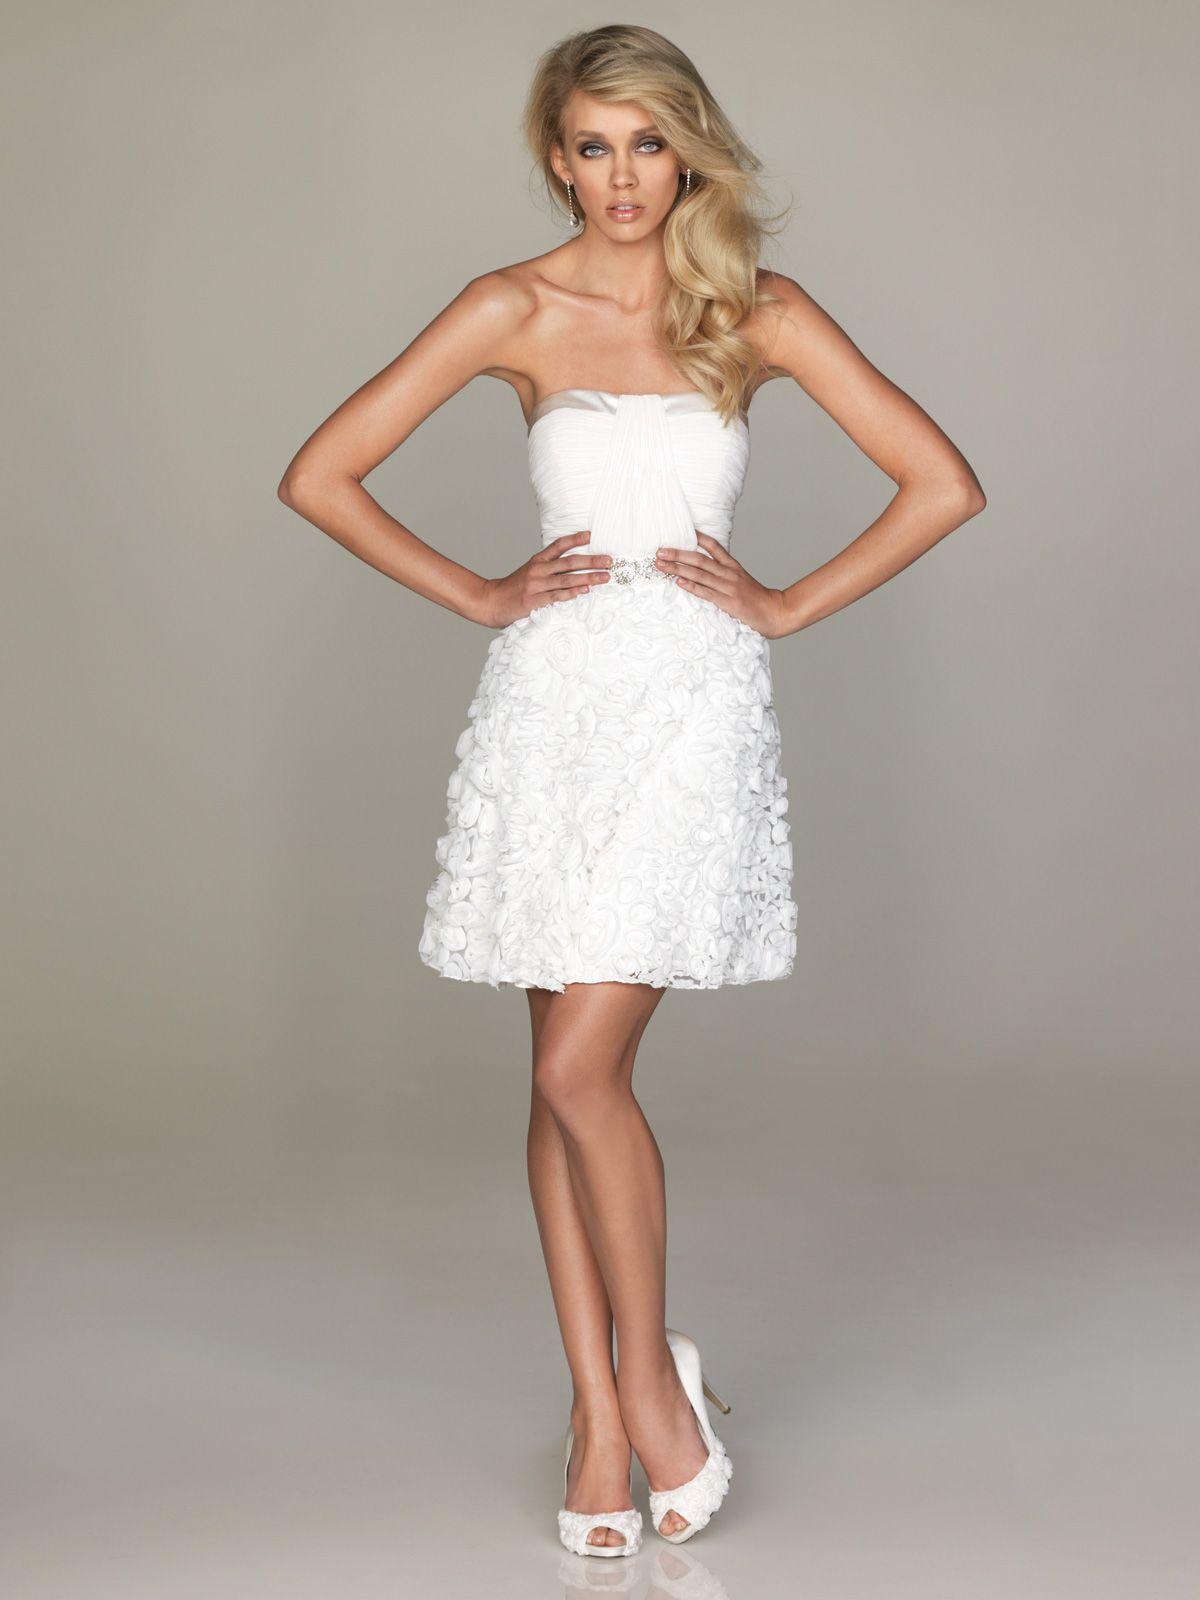 white dresses for rehearsal dinner wedding rehearsal dress 17 images about Rehearsal Dinner Dresses on Pinterest